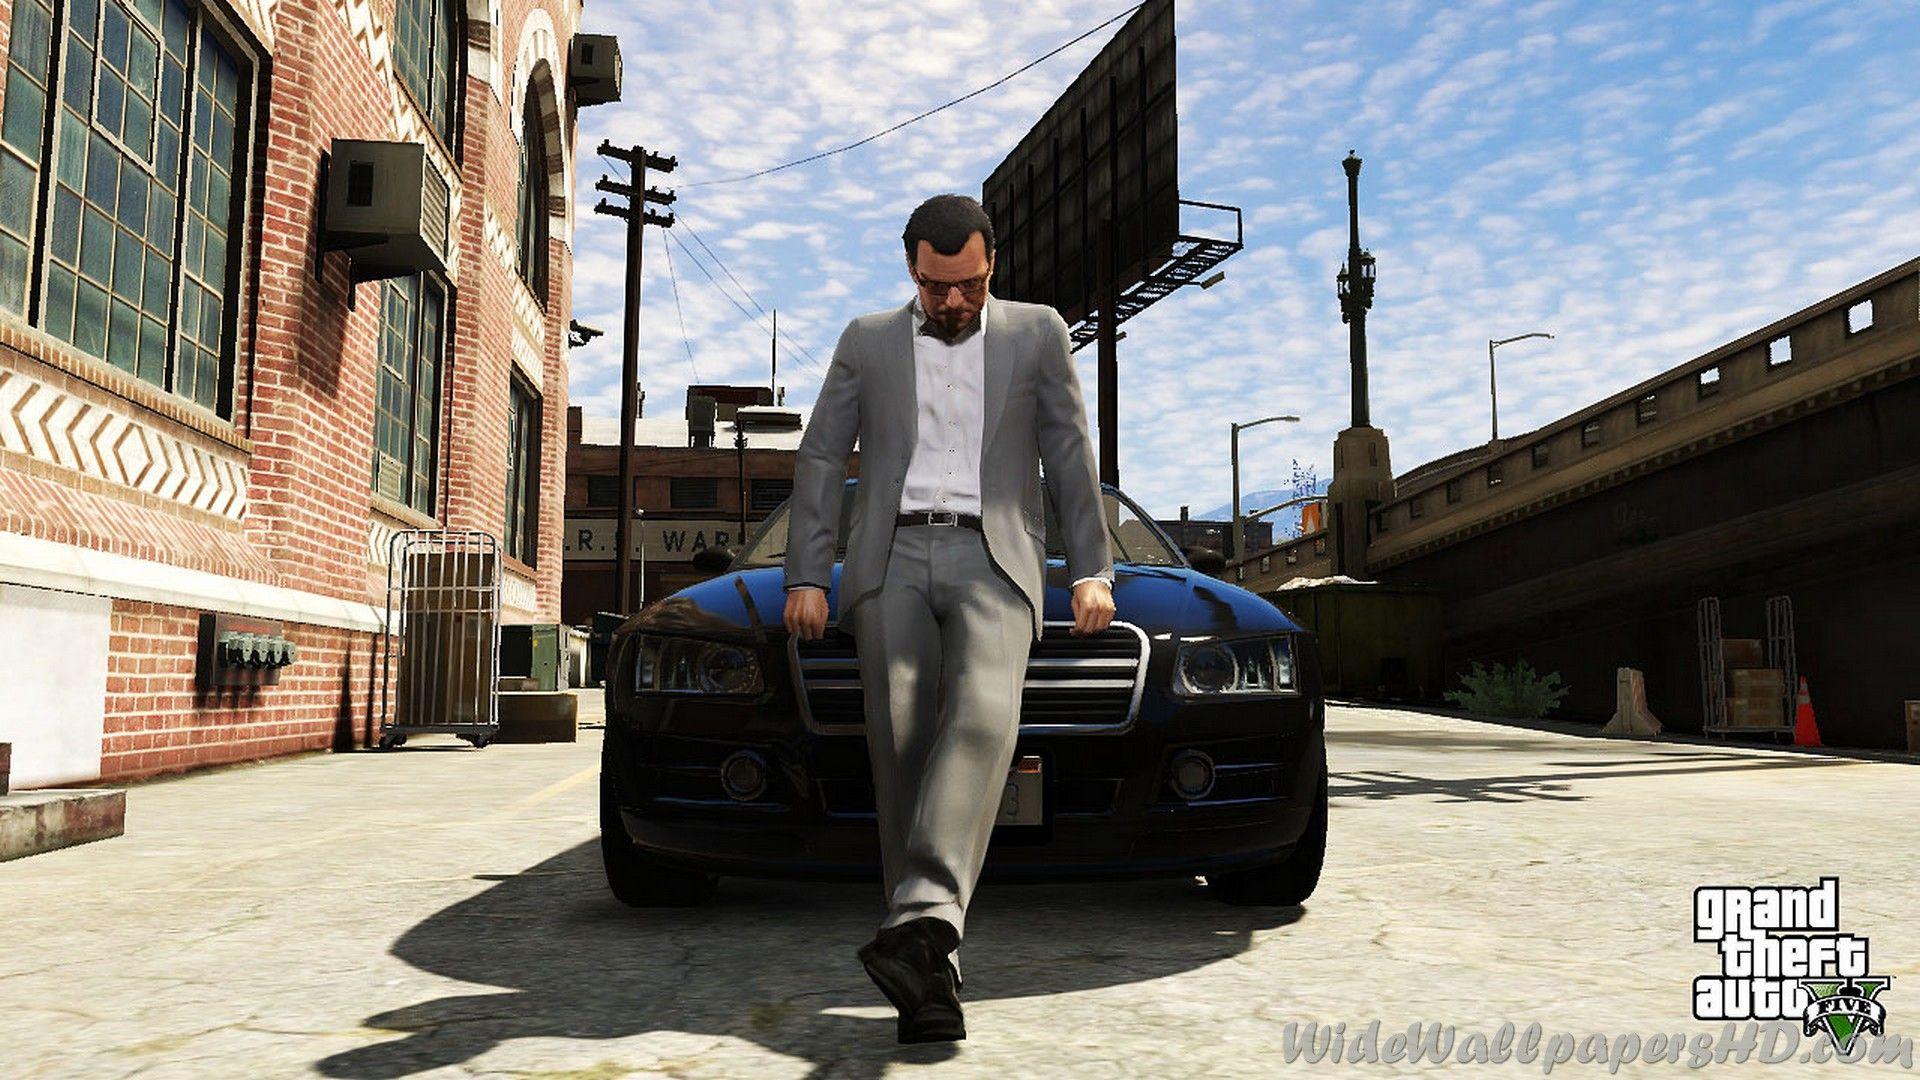 Gta 5 Michael Wallpaper For Iphone Click Wallpapers Grand Theft Auto Grand Theft Auto Games Gta